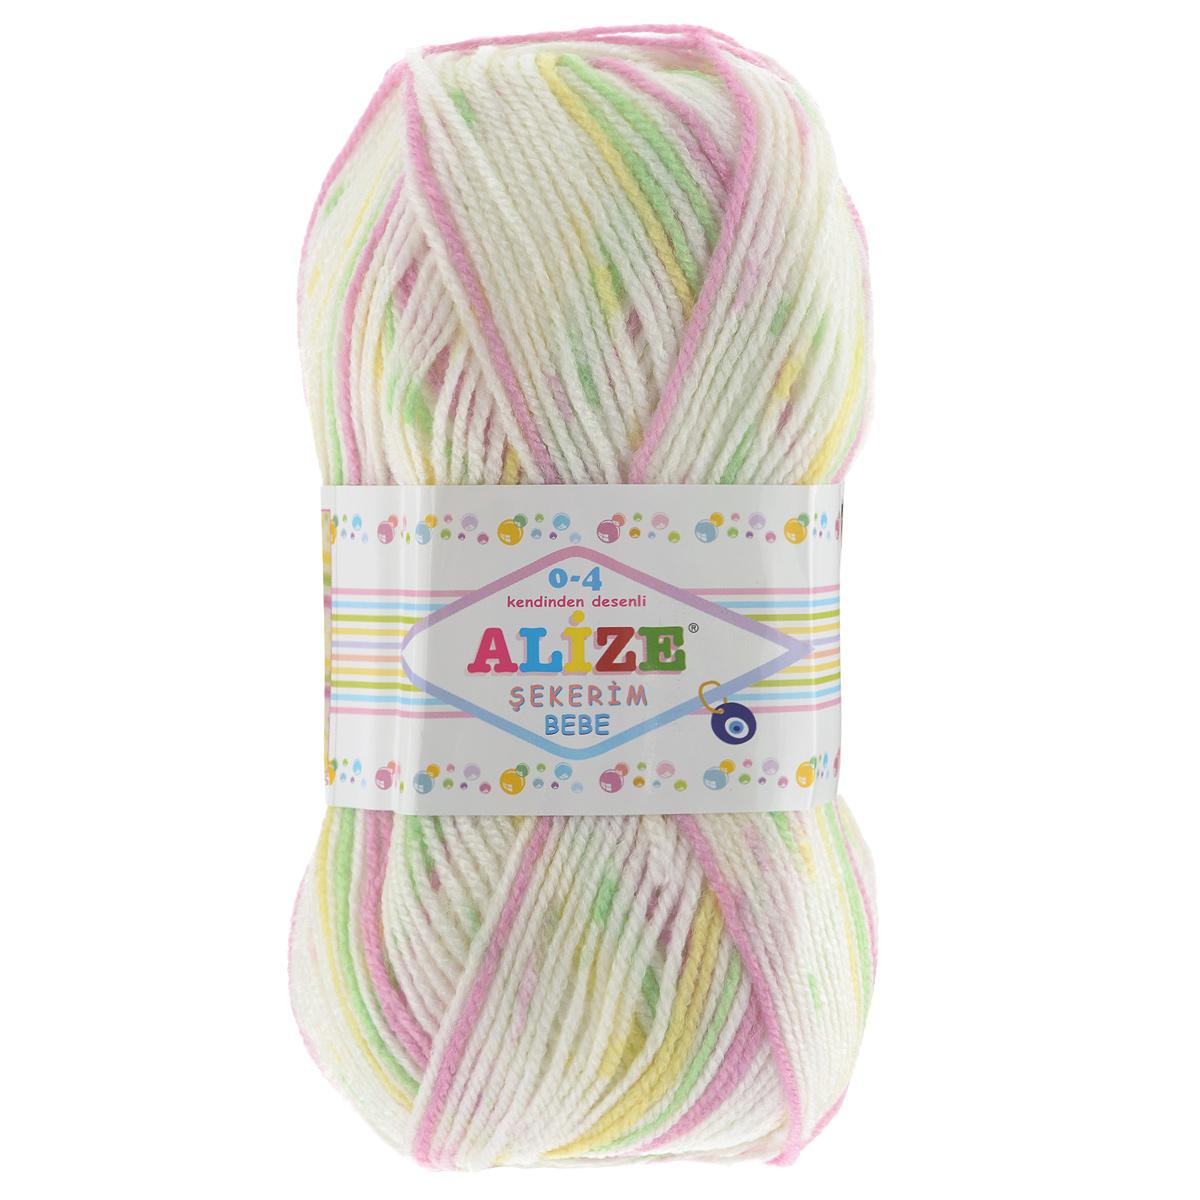 Пряжа для вязания Alize Sekerim Bebe, цвет: желтый, розовый, зеленый (504), 350 м, 100 г, 5 шт364082_504Пряжа для вязания Alize Sekerim Bebe изготовлена из акрила. Фантазийная пряжа для ручного вязания отлично подойдет для детских вещей. Ниточка мягкая и приятная на ощупь. Подходит для вязания спицами и крючком. Рекомендованные спицы 3-4 мм и крючок для вязания 2-4 мм. Состав: 100% акрил.